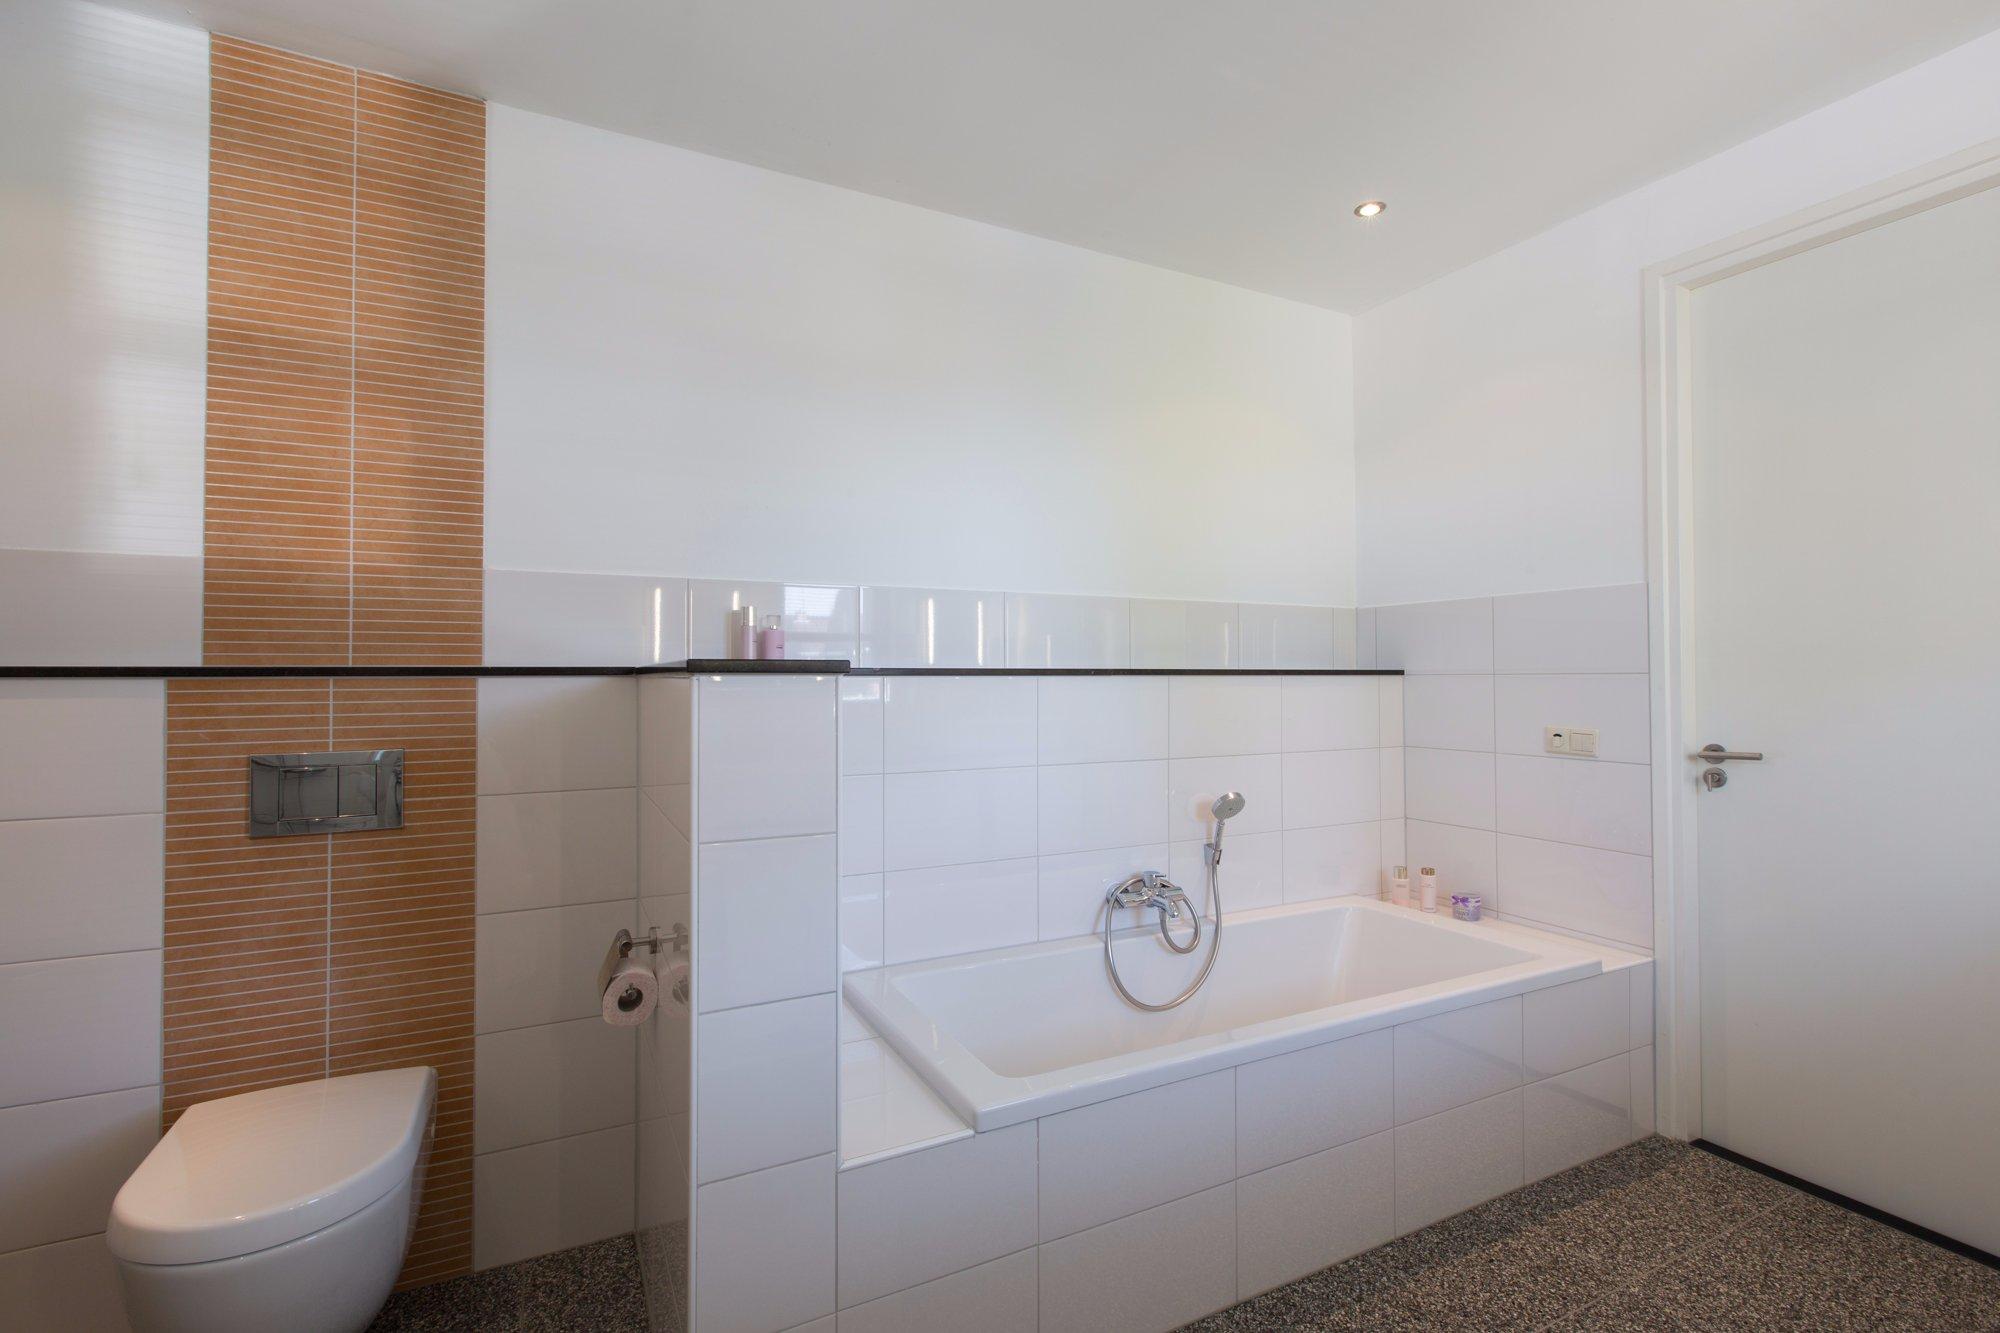 Troffelvloer In Badkamer : Badkamer het aanbrengen van een troffelvloer en stucwerk beton cire